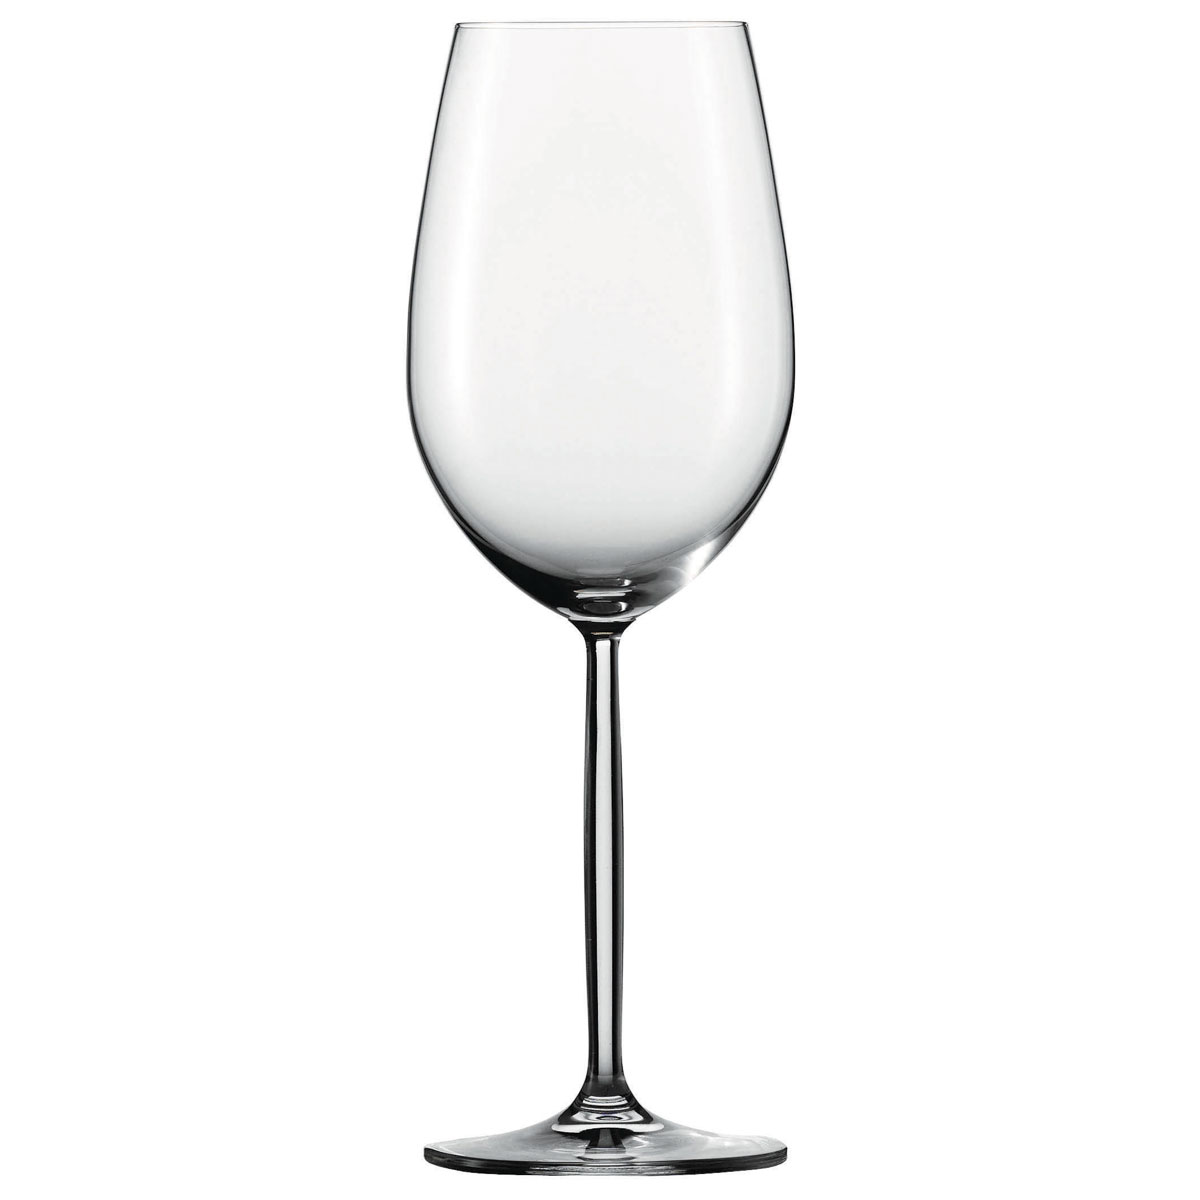 Schott Zwiesel Tritan Crystal, Diva Bordeaux, Cabernet Glass, Single